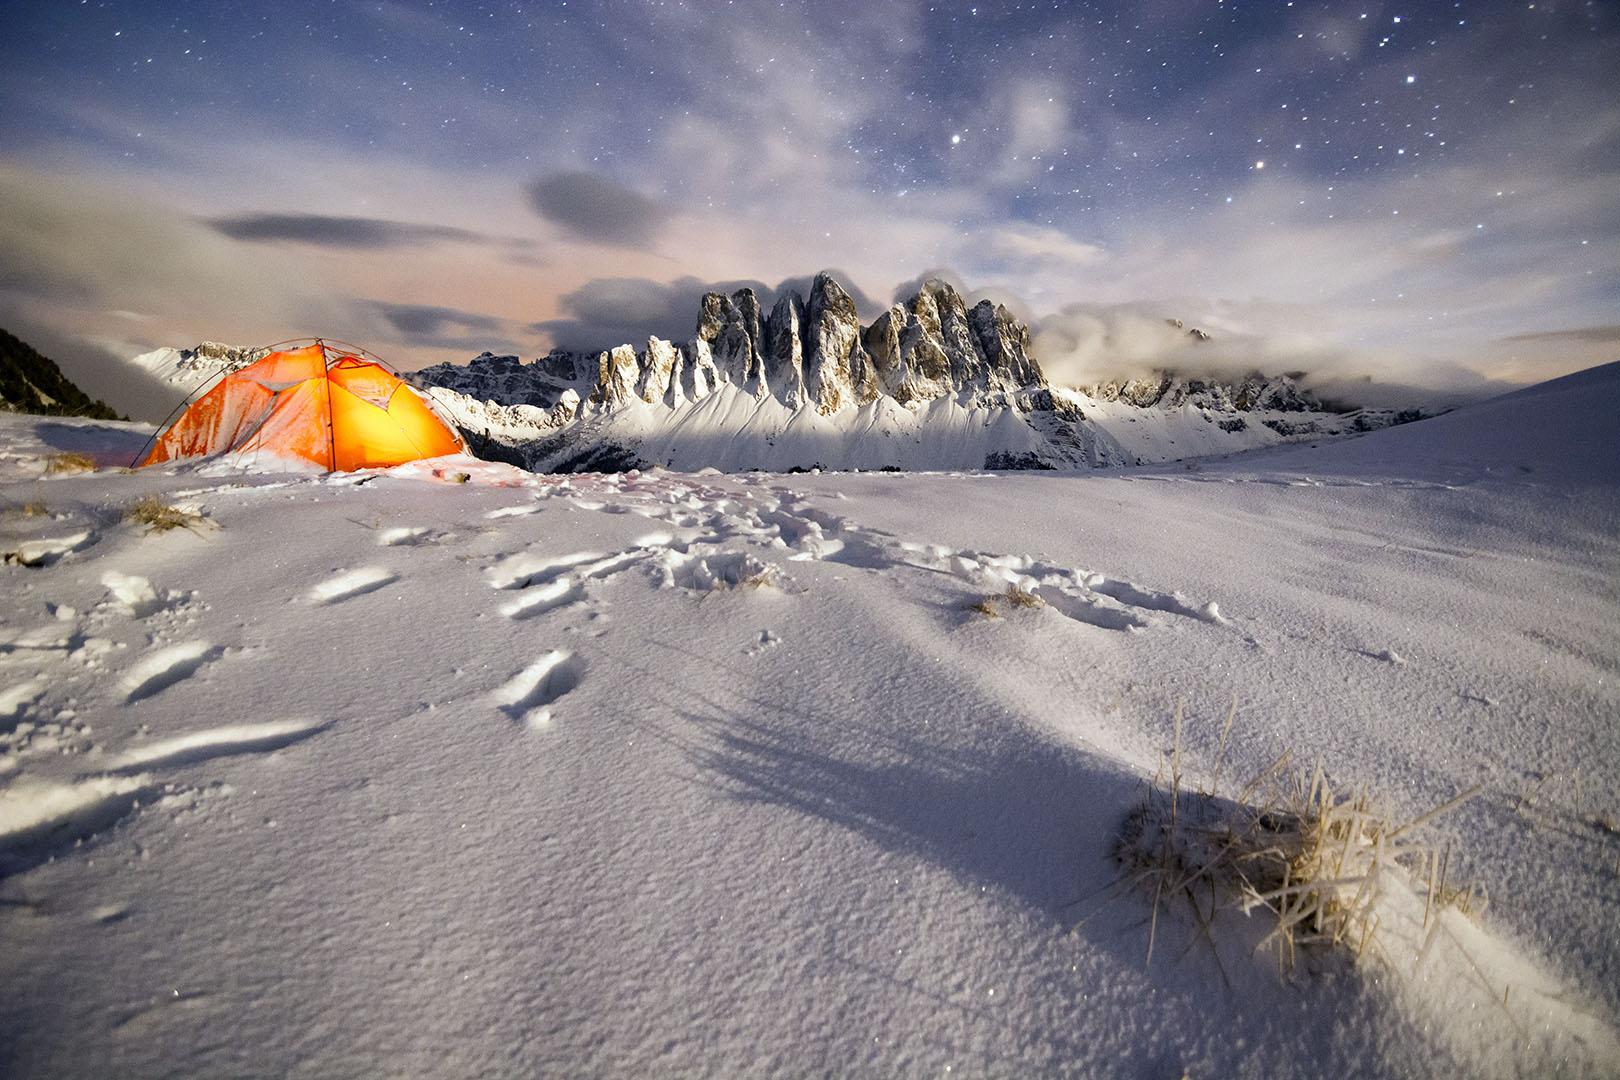 Arropados por la luna - Deportes y aventuras - Inaki Larrea, Nature and mountains Photography